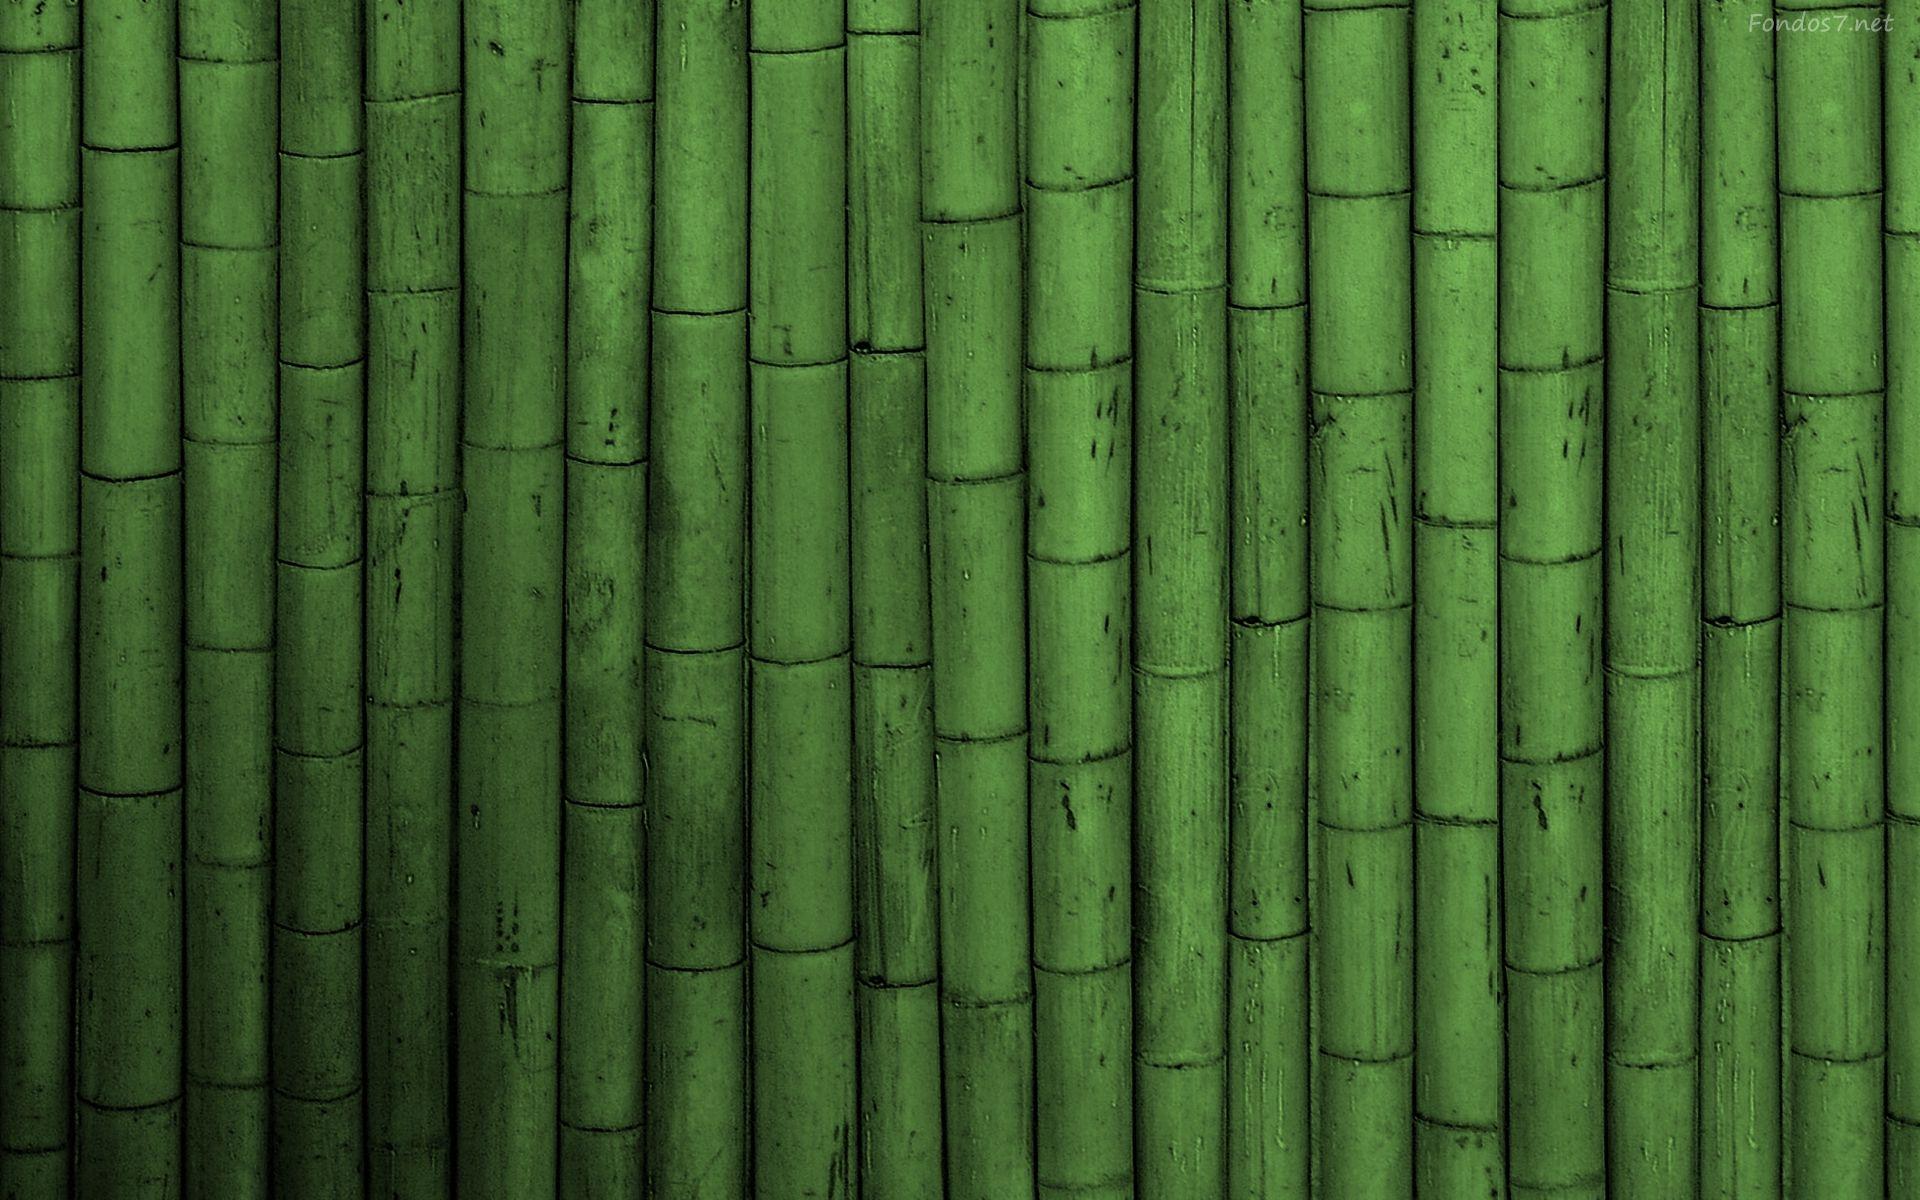 Bambu Verde 4670 Jpg 1920 1200 Texturas Pinterest Textura  ~ Cañas De Bambu Verdes Para Decorar